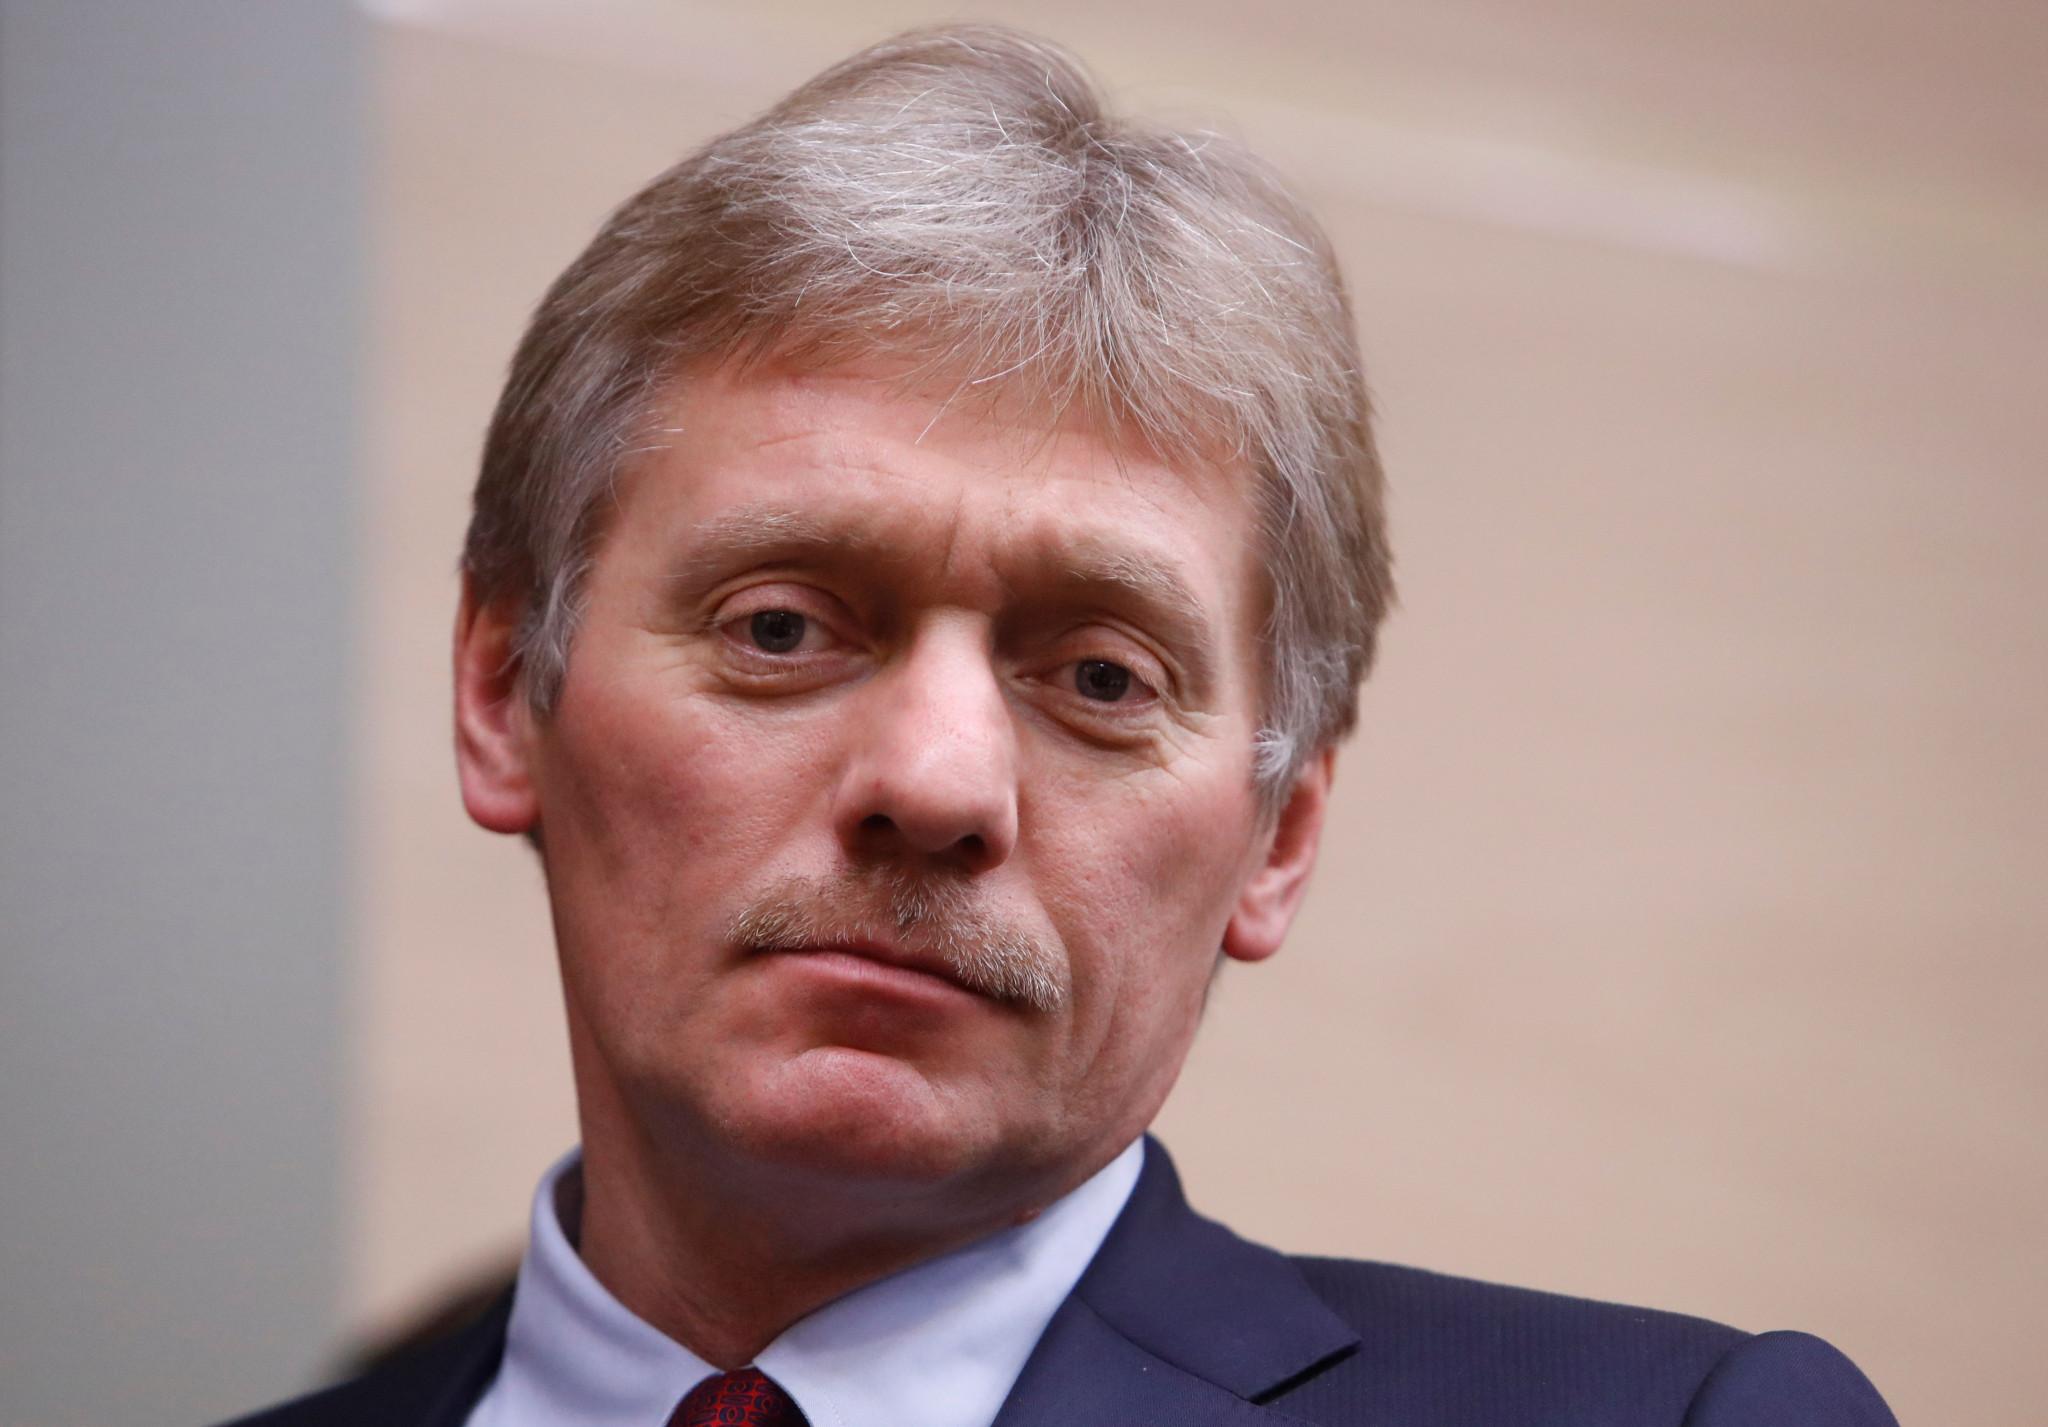 Kremlin monitors IPC decision on Russians at Pyeongchang 2018